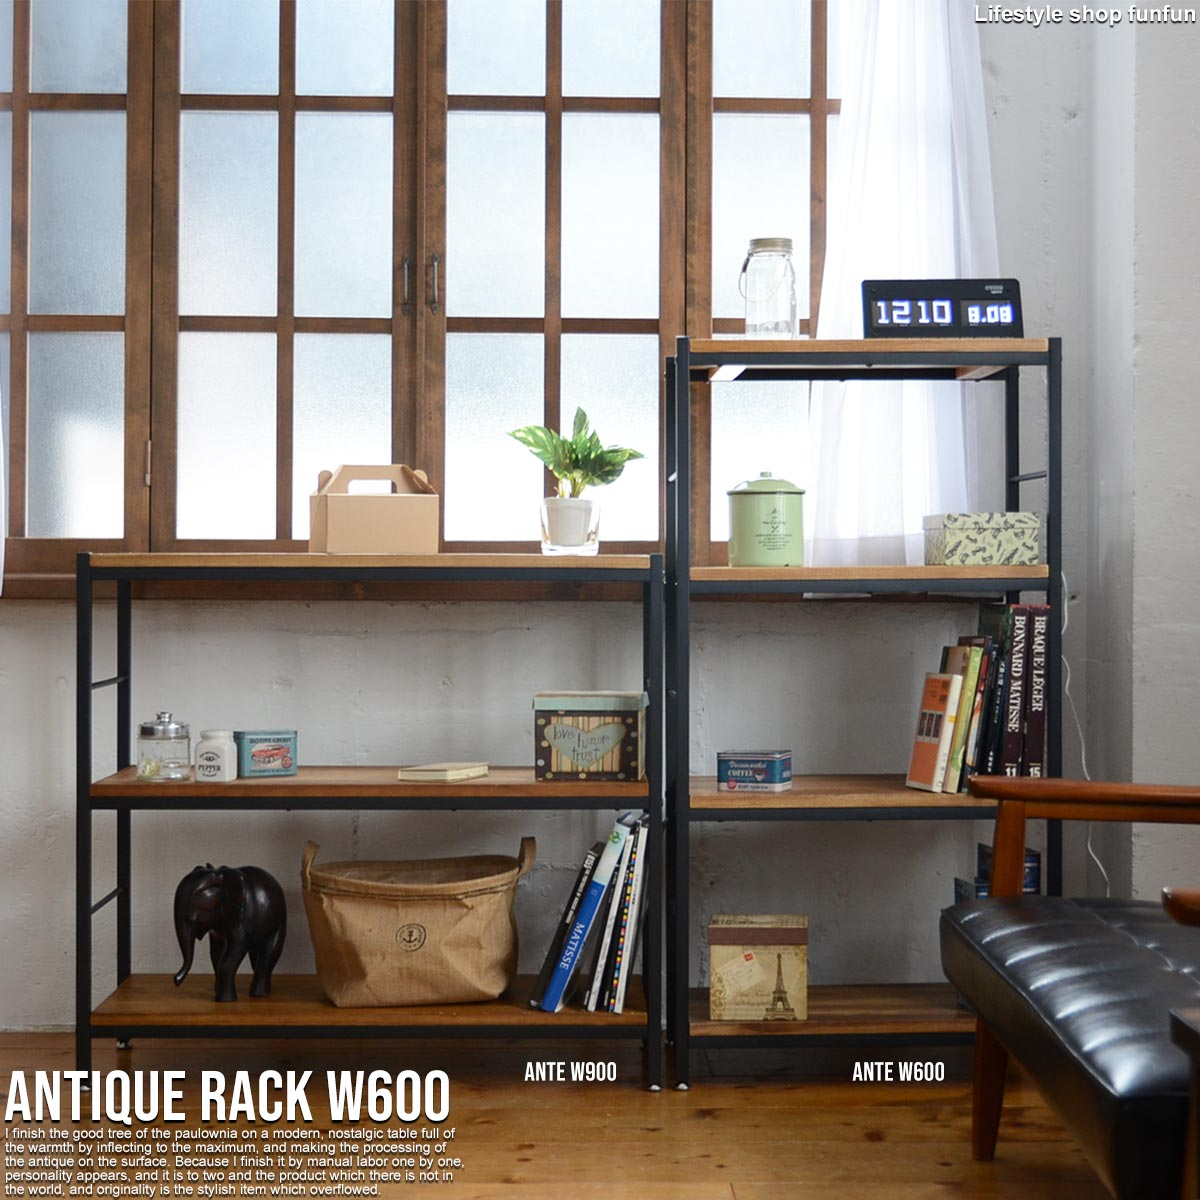 アンティーク シェルフ 4段 ANTE アンテ 木製 ラック アイアン 幅60cm 北欧 天然木 棚 収納 オープンラック おしゃれ シンプル